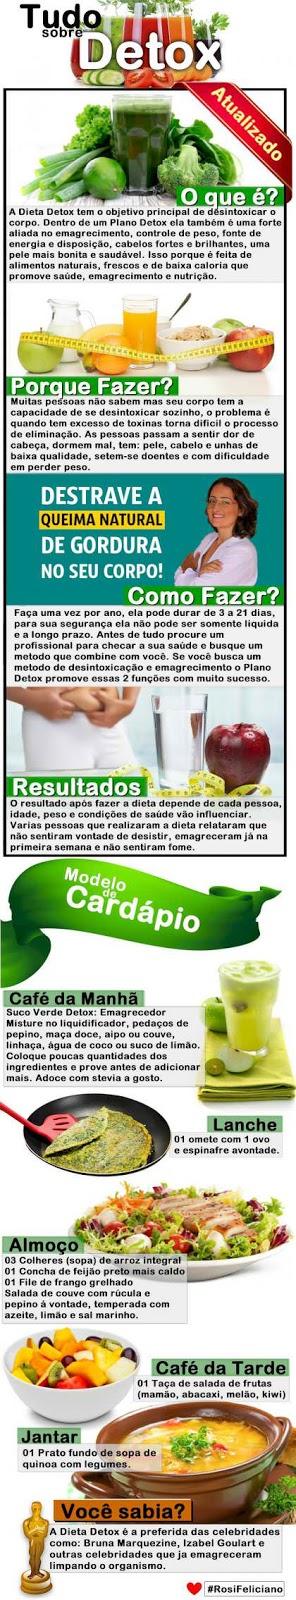 http://dieta.blog.br/16-beneficios-agua-com-limao-para-que-serve-e-como-fazer